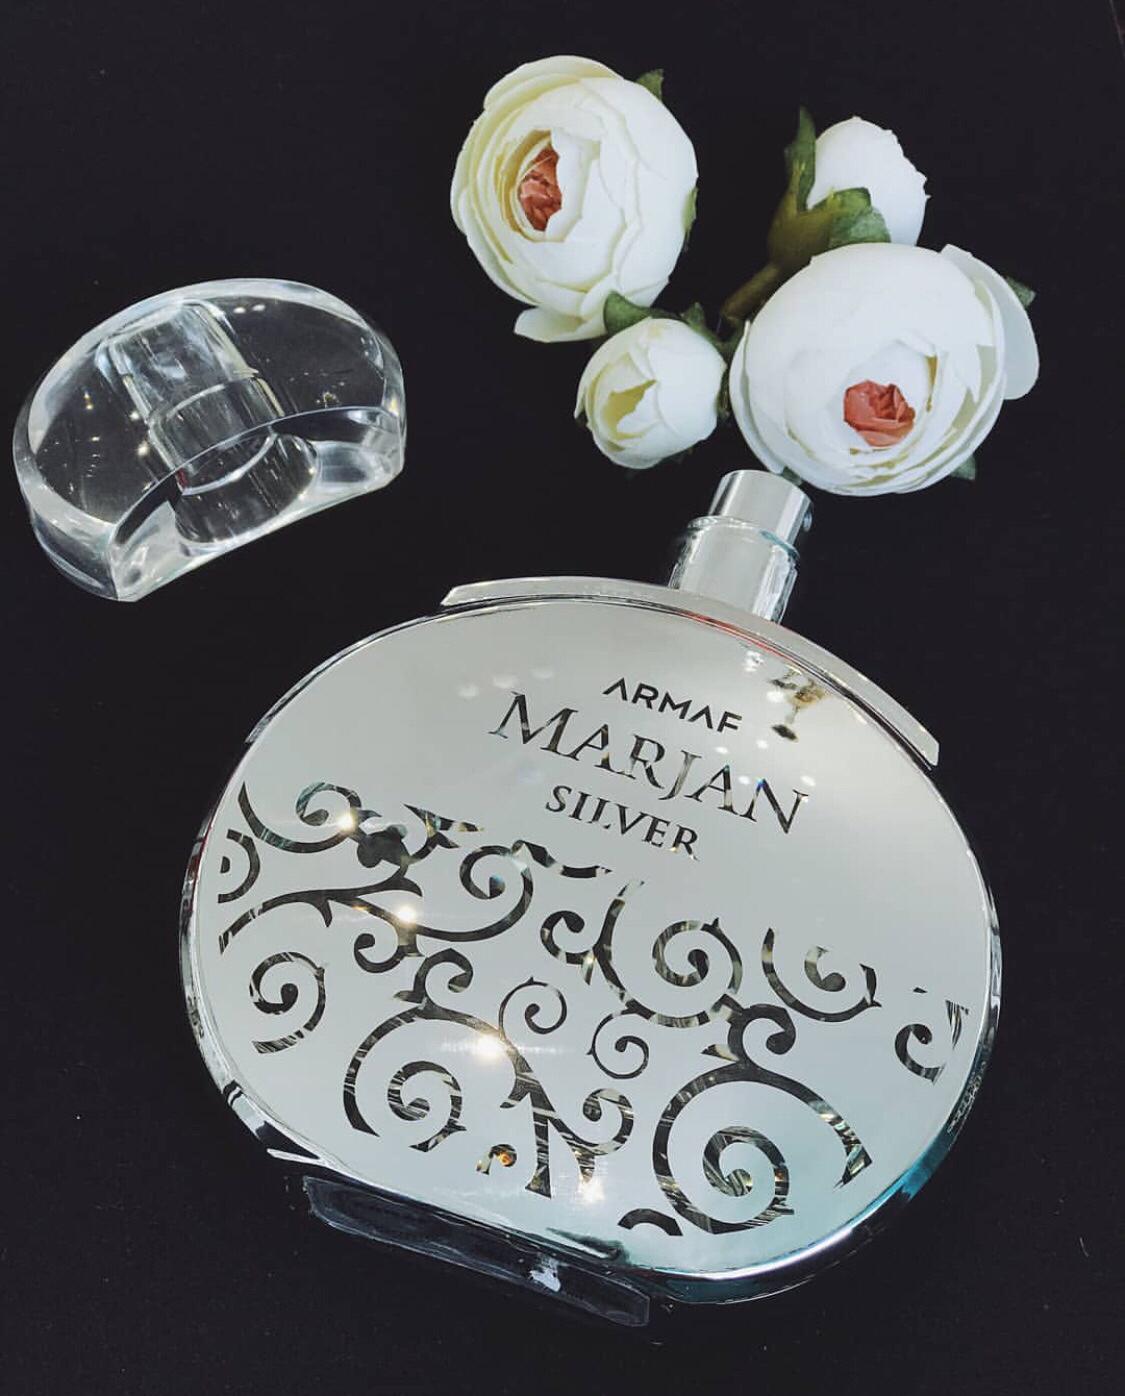 Armaf - Marjan Silver